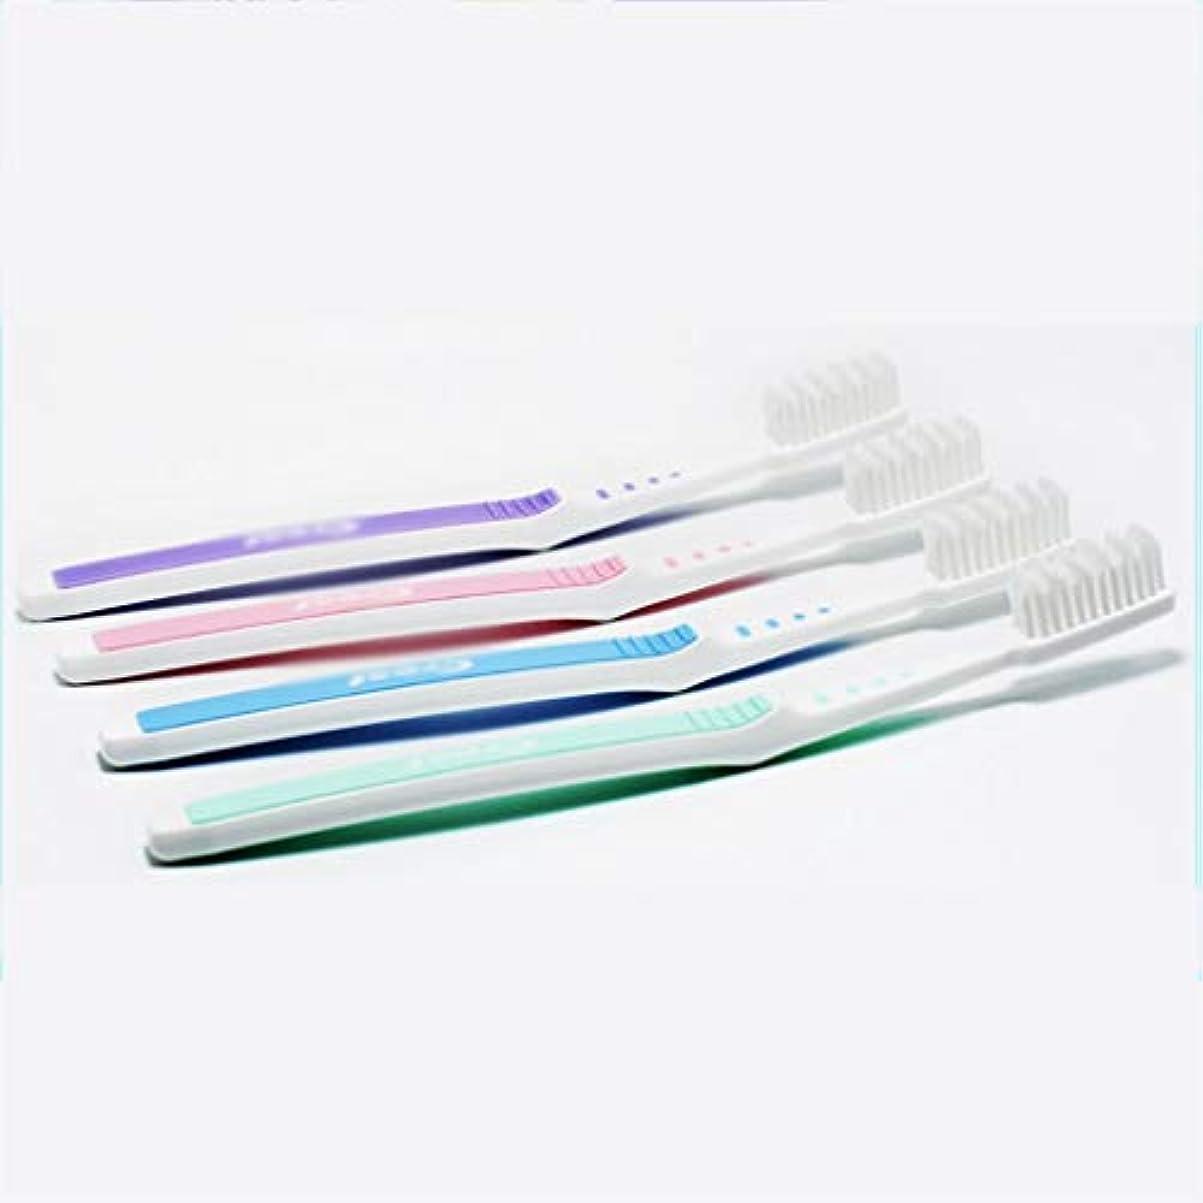 知り合い自治的一過性手動歯ブラシ、家庭用ヘアブラシ、6パック(ランダムカラー)